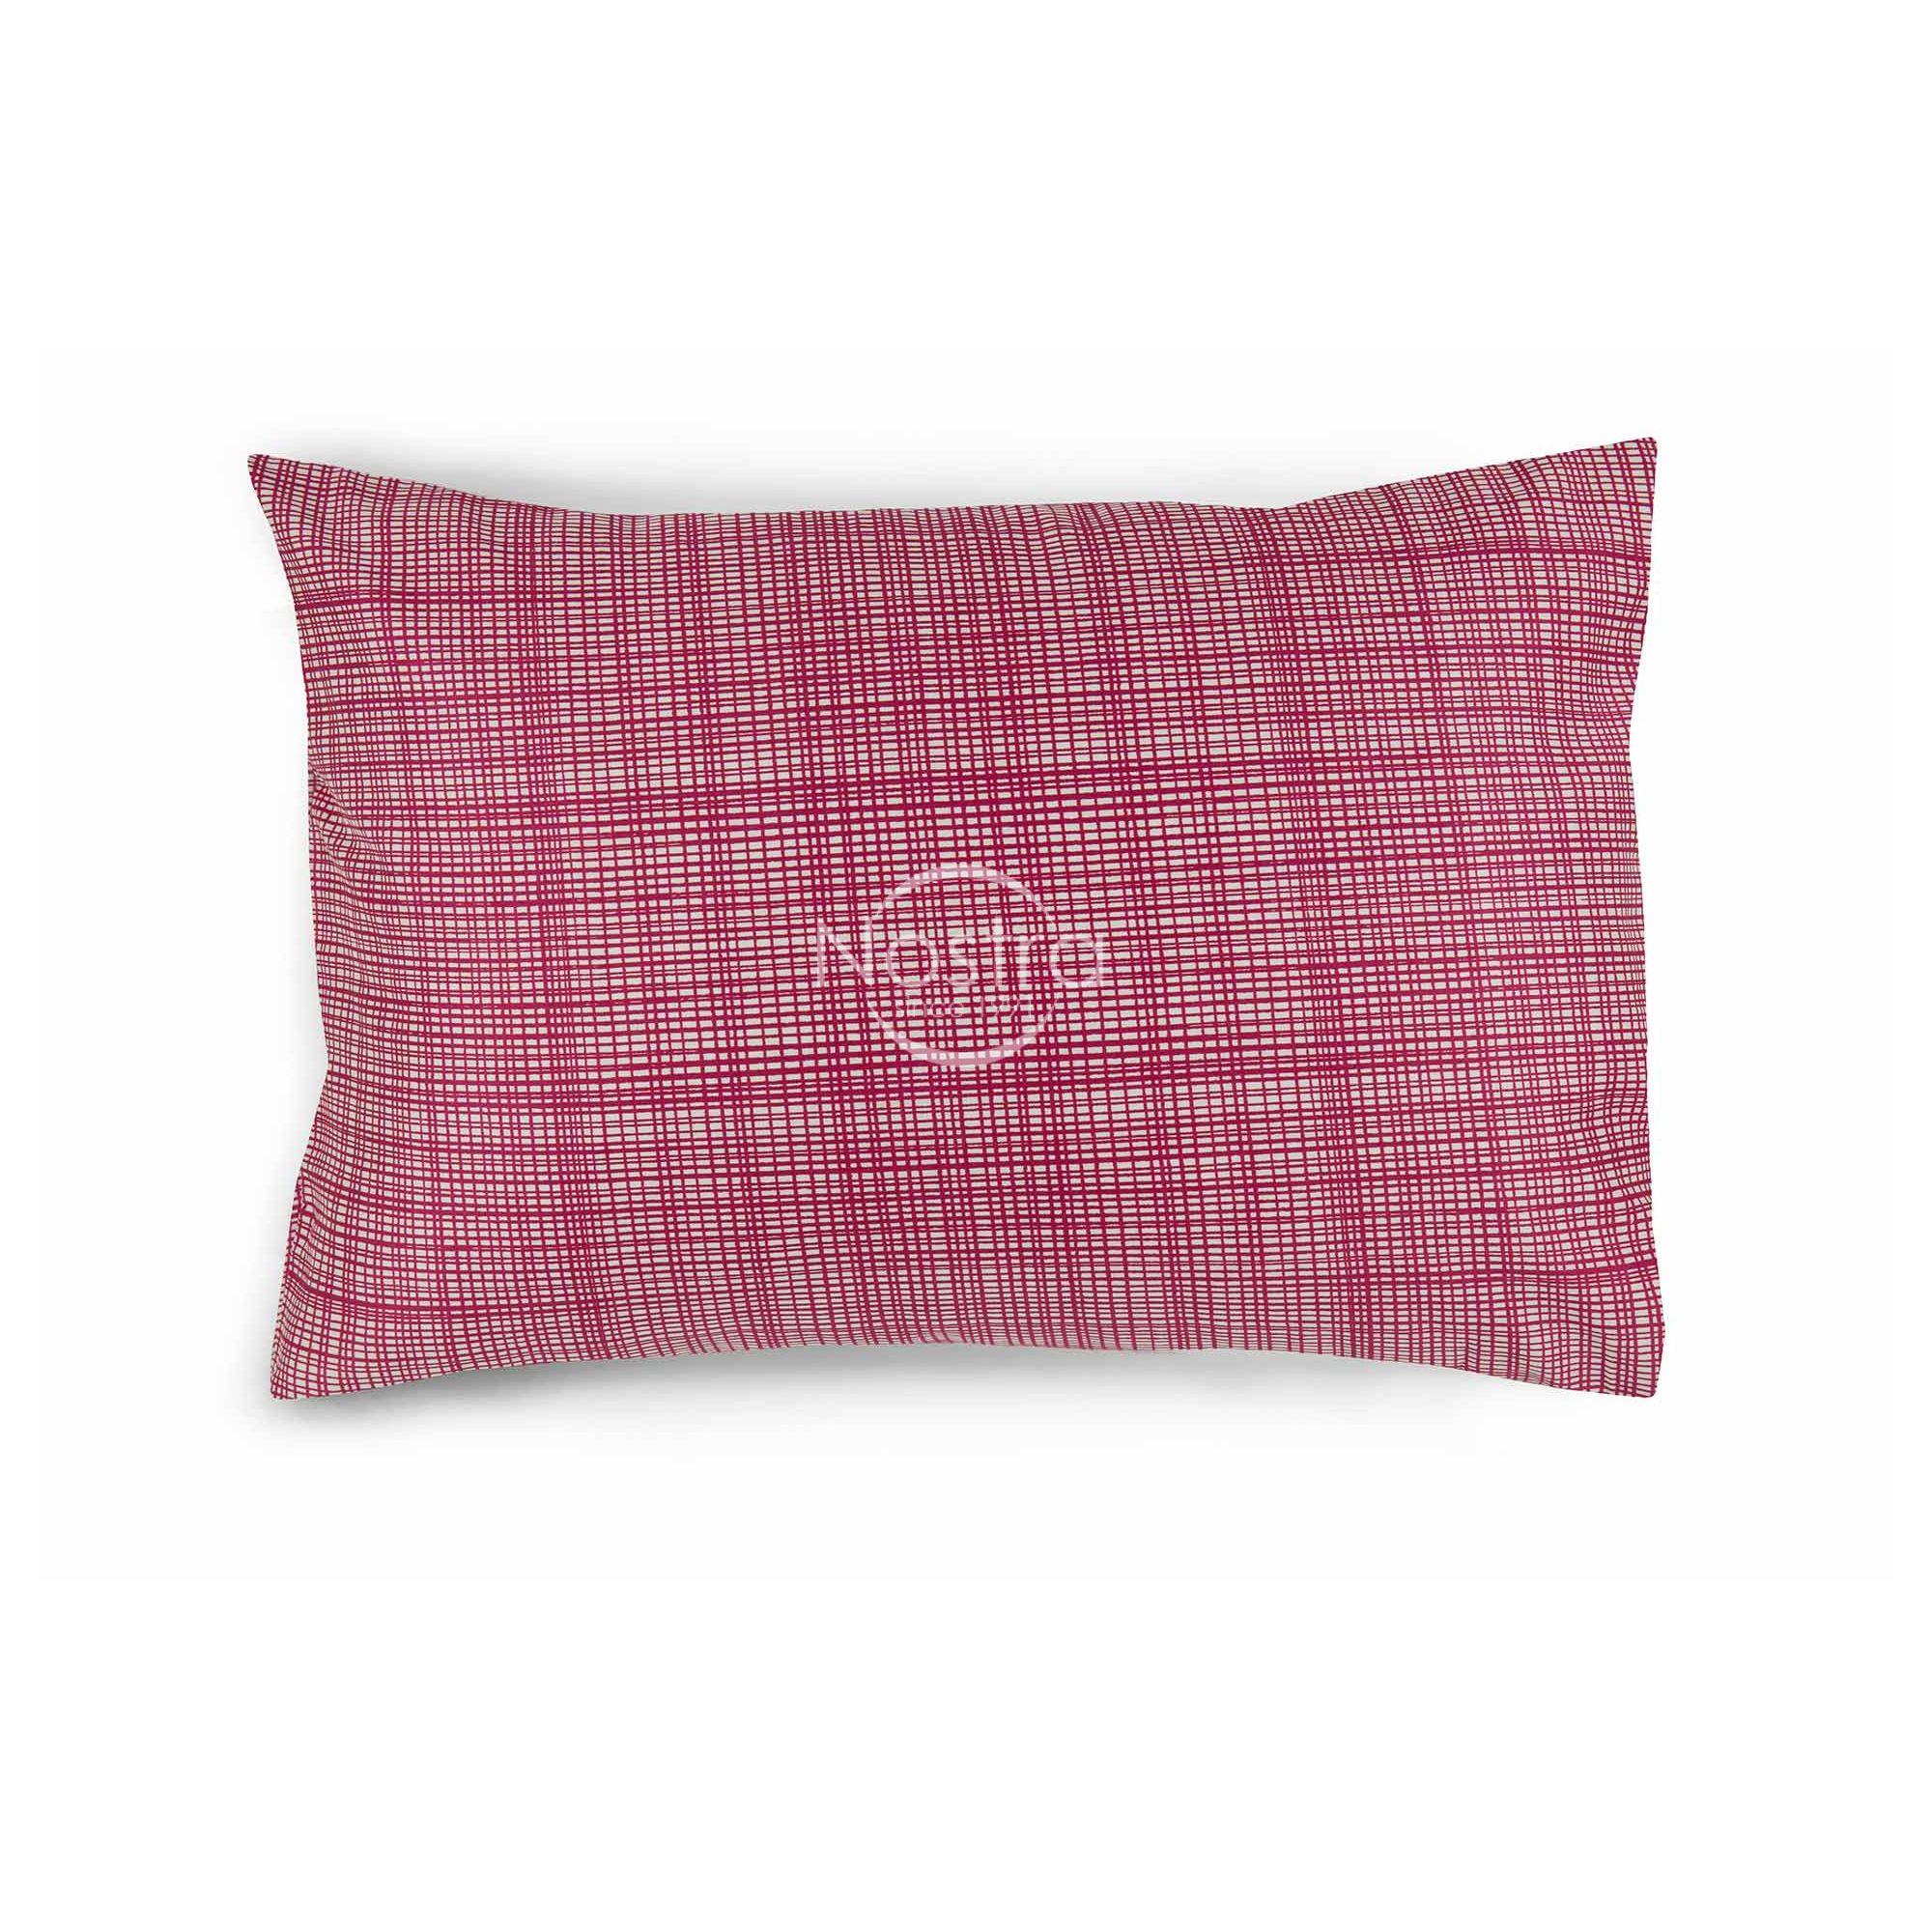 Satino pagalvės užvalkalas 30-0485-FUCHSIA 50x70 cm